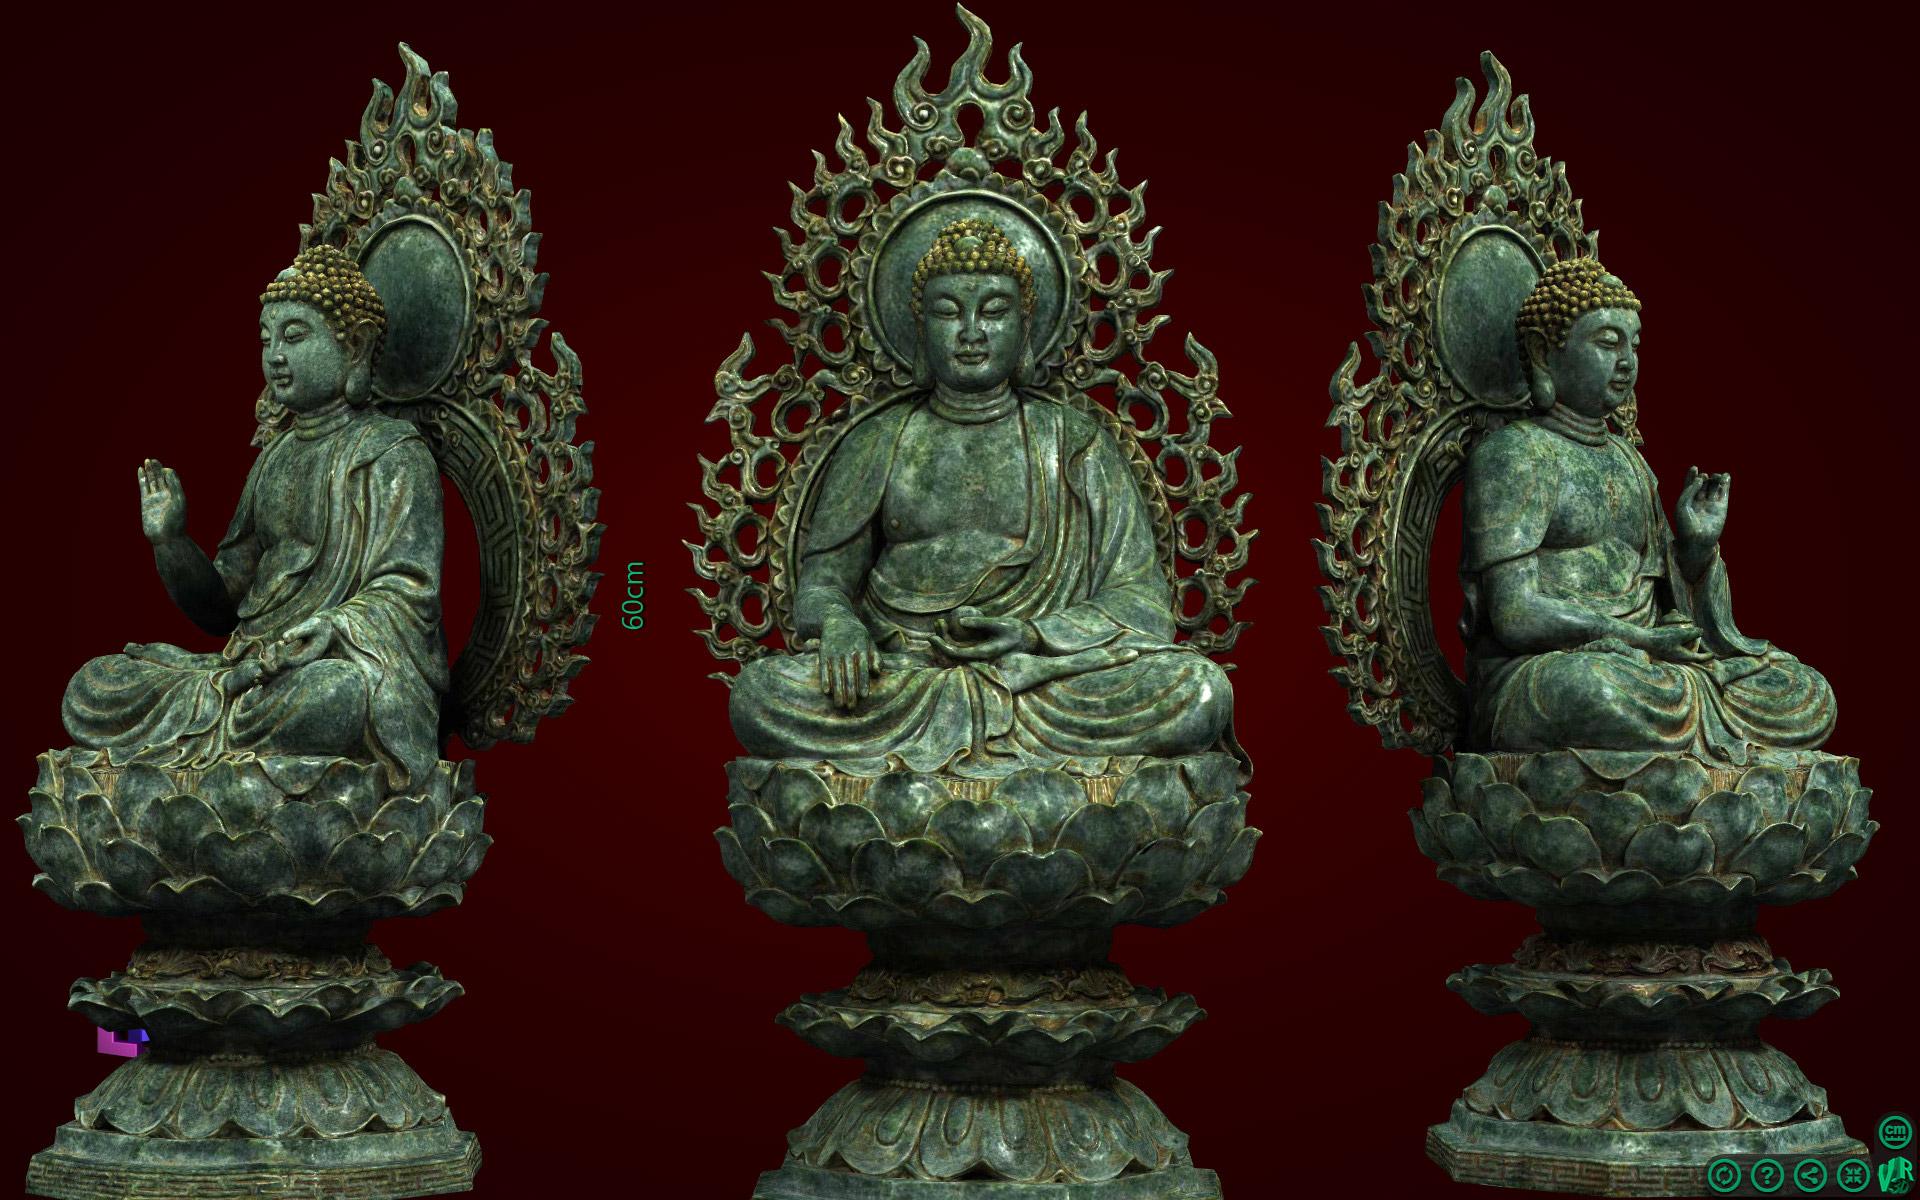 Tượng tam thế Phật rất đẹp